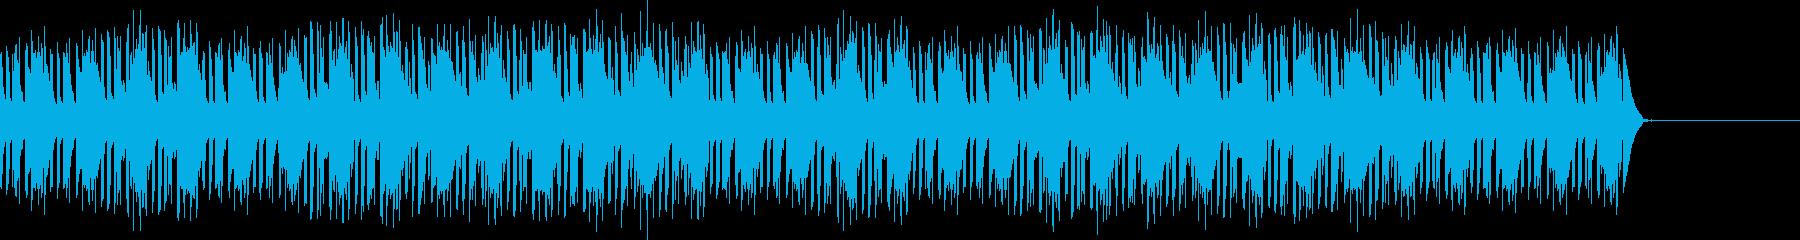 パズルやクイズのシンキングタイムの再生済みの波形